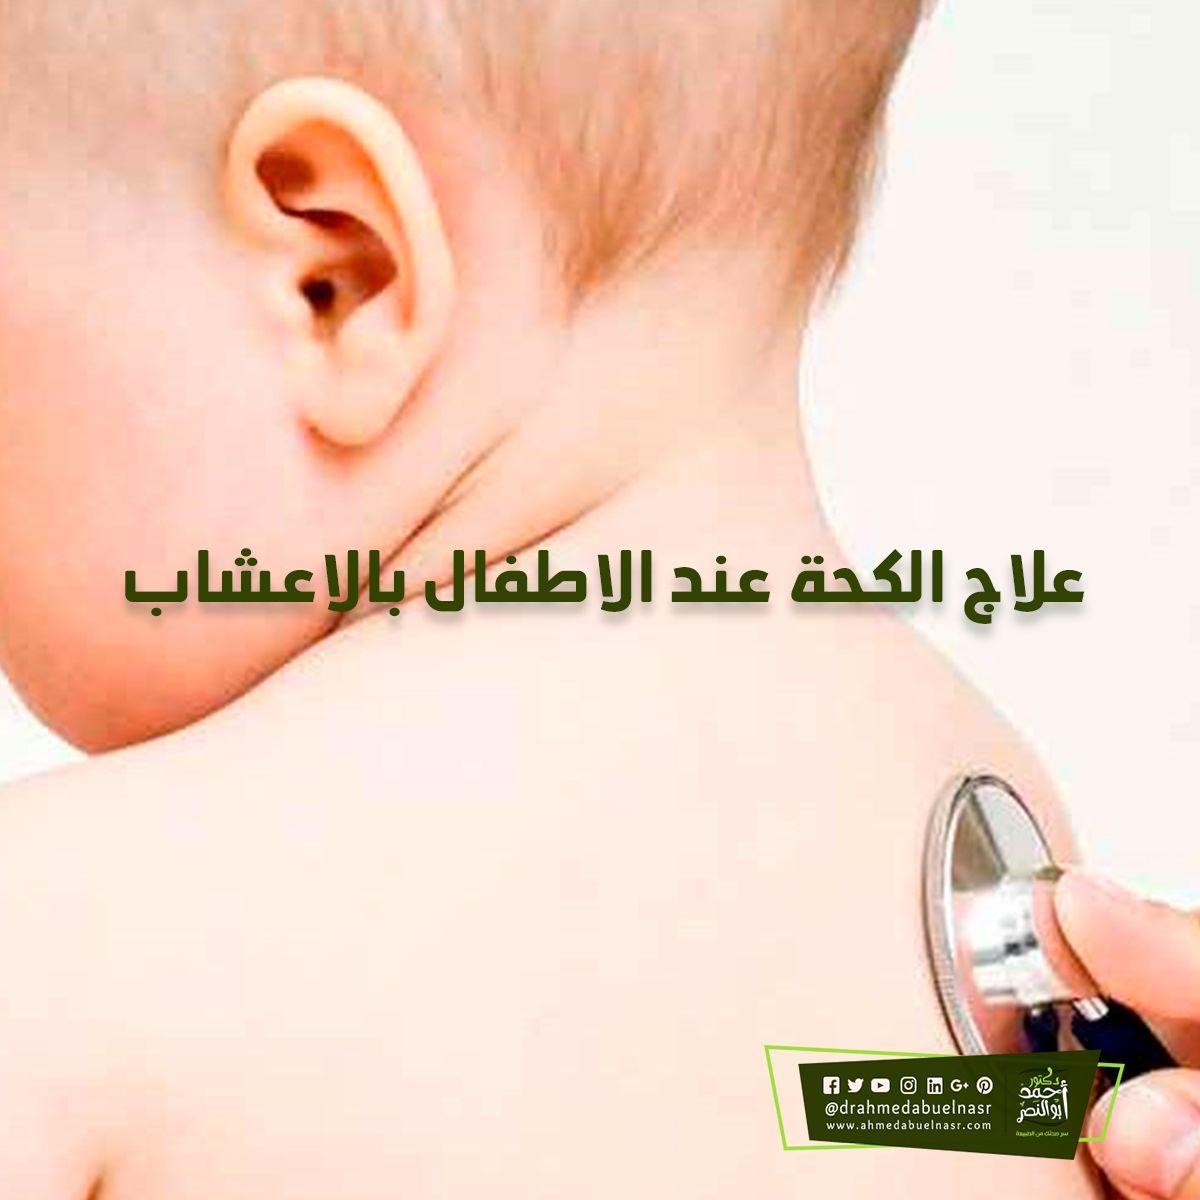 علاج الكحة عند الاطفال بالاعشاب